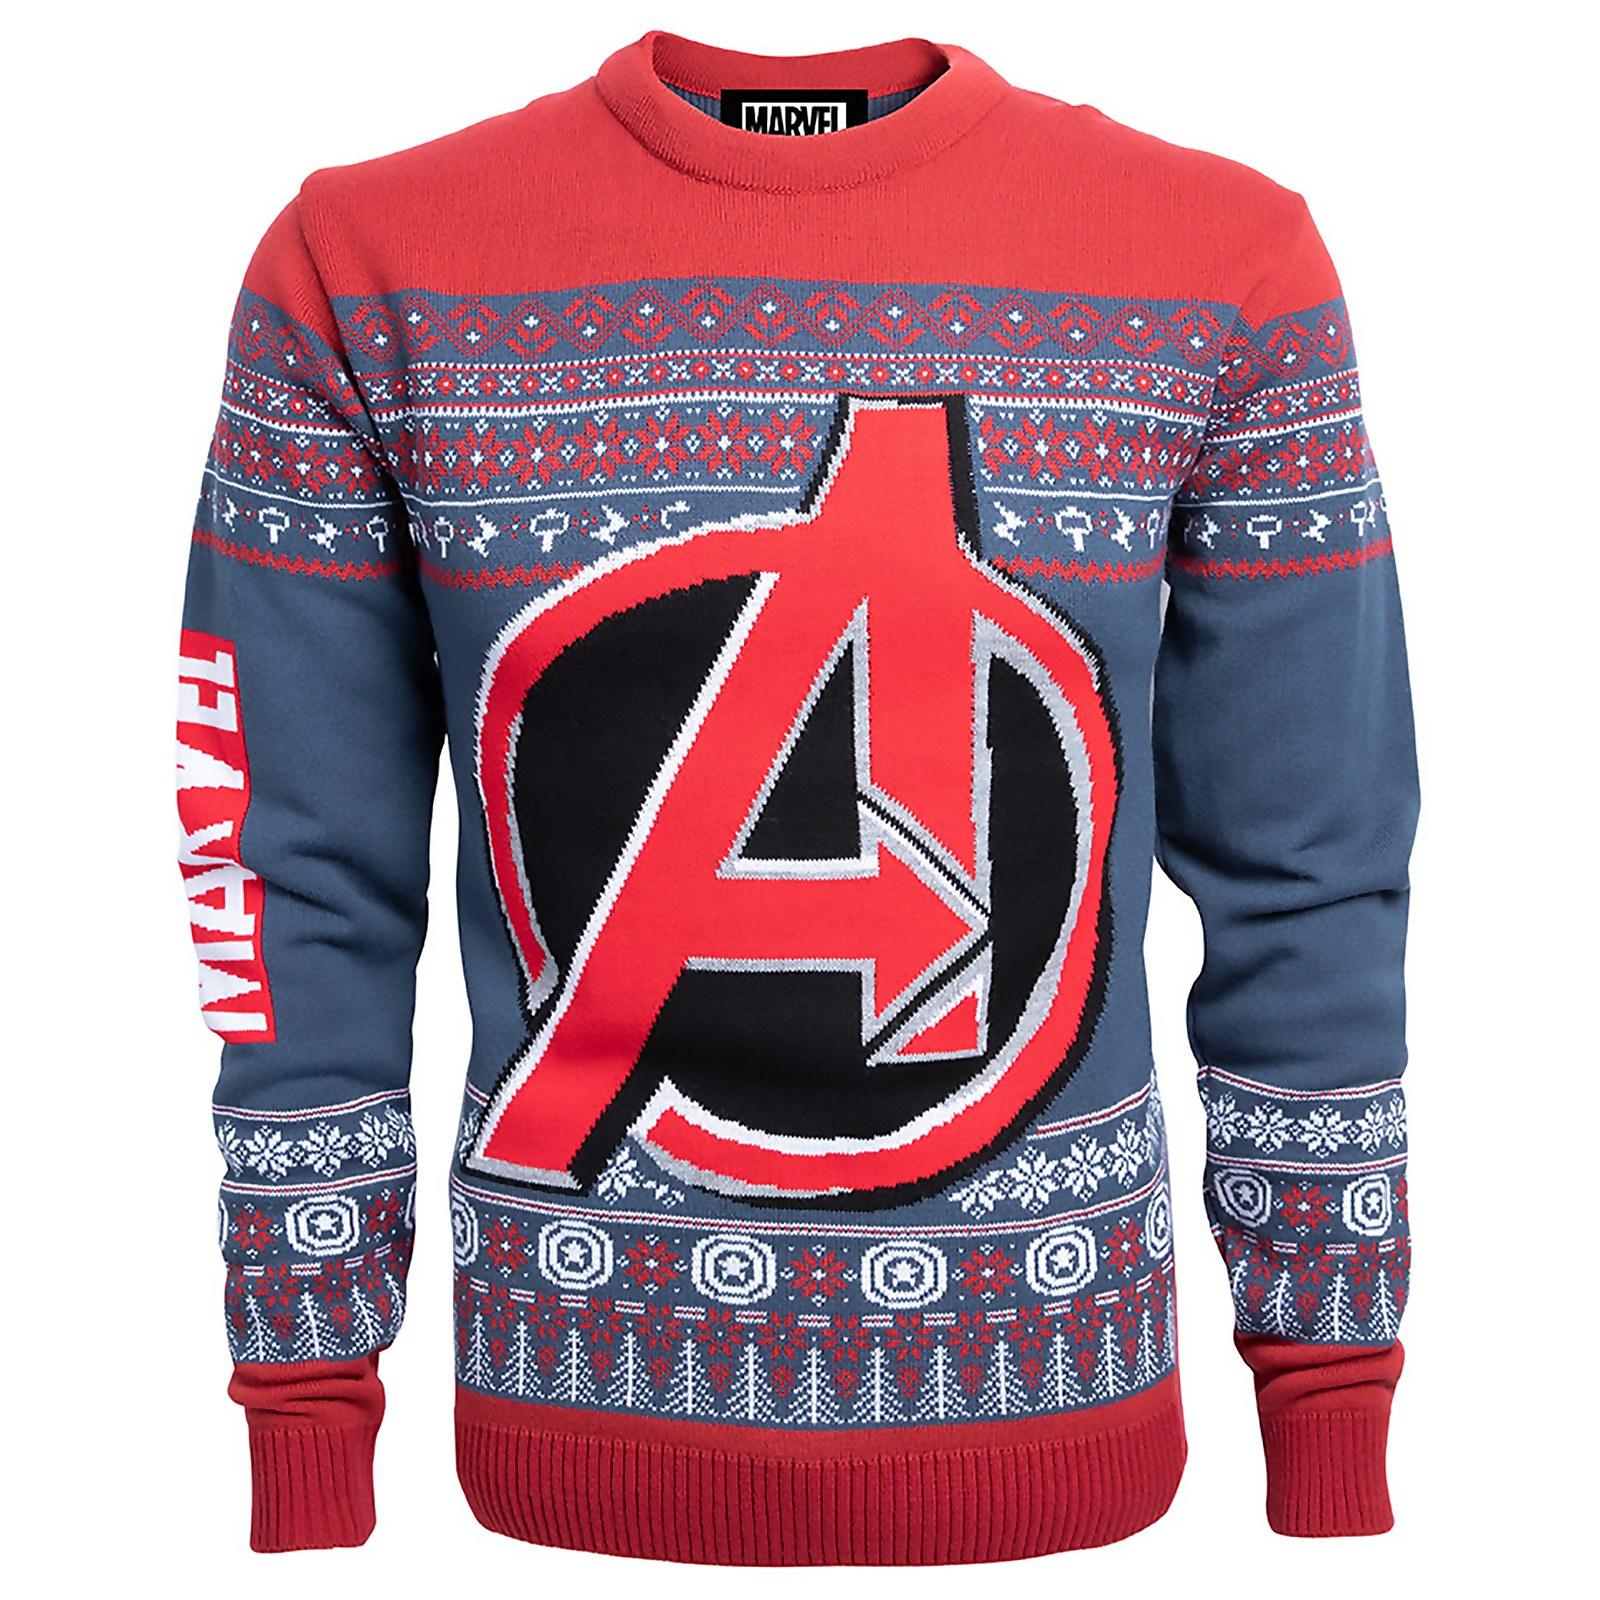 Marvel Avengers gestrickter Weihnachtspullover - Navyblau (Gr. XS-XXL) für 19,99€ + 1,49€ Versand